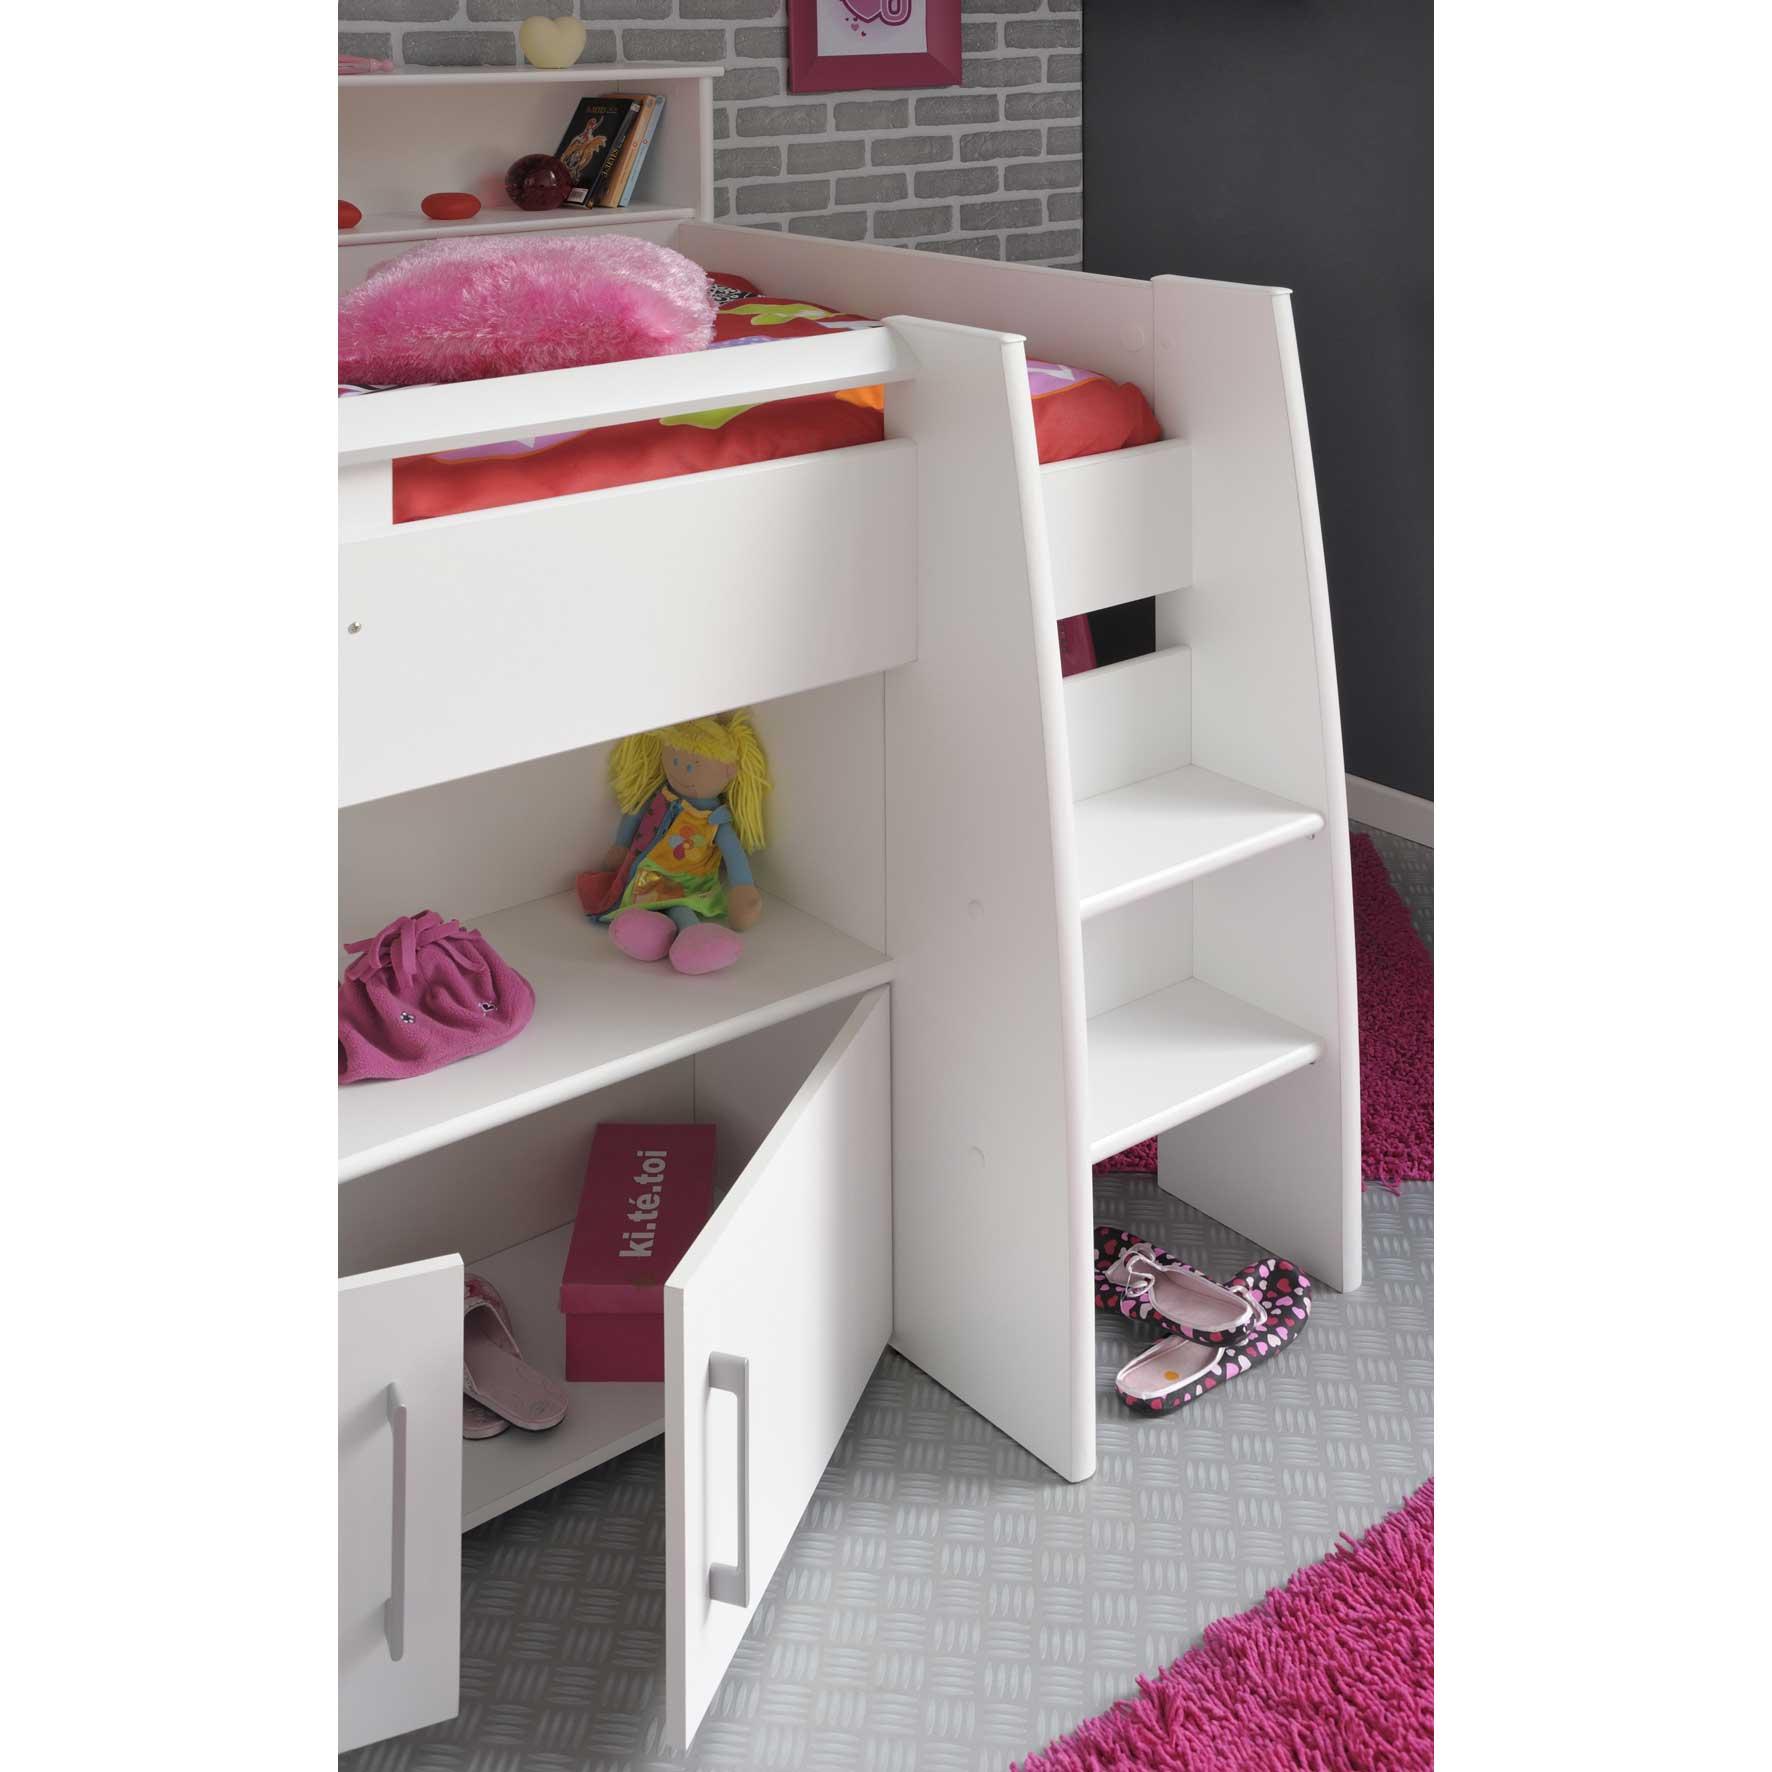 lit combin melody avec bureau et rangement 90 x 200 cm comparer avec touslesprixcom - Lit Combine Enfant